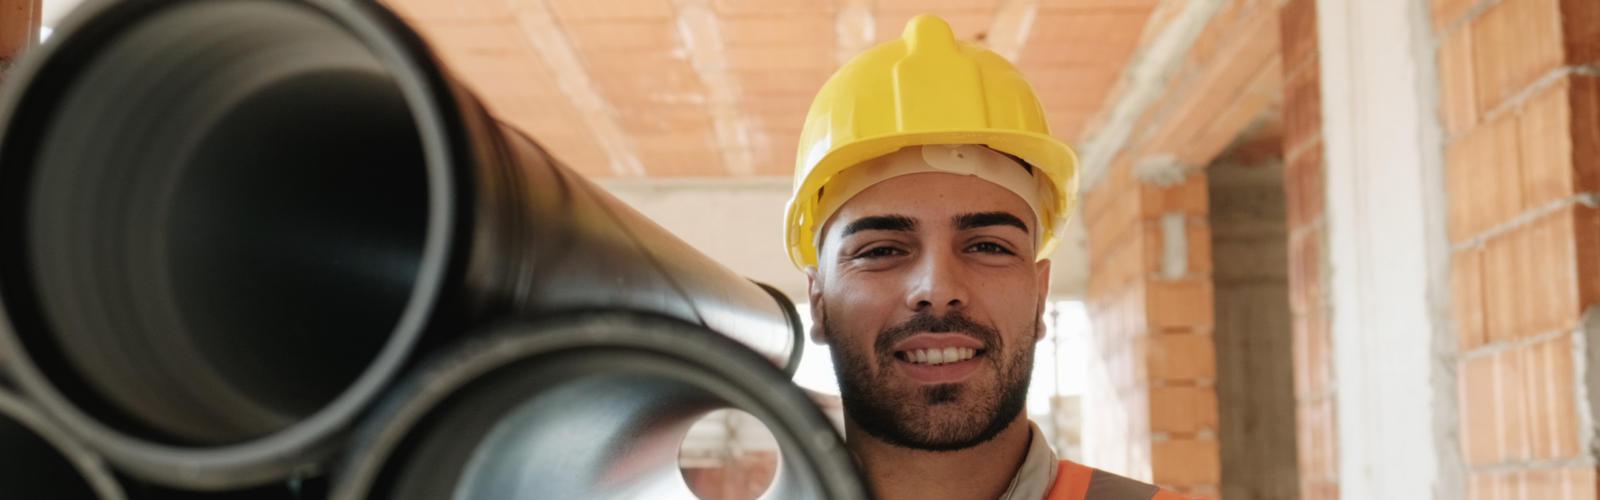 Jetzt Karriere machen bei der Heiko Herrmann Tief- & Rohrleitungsbau GmbH